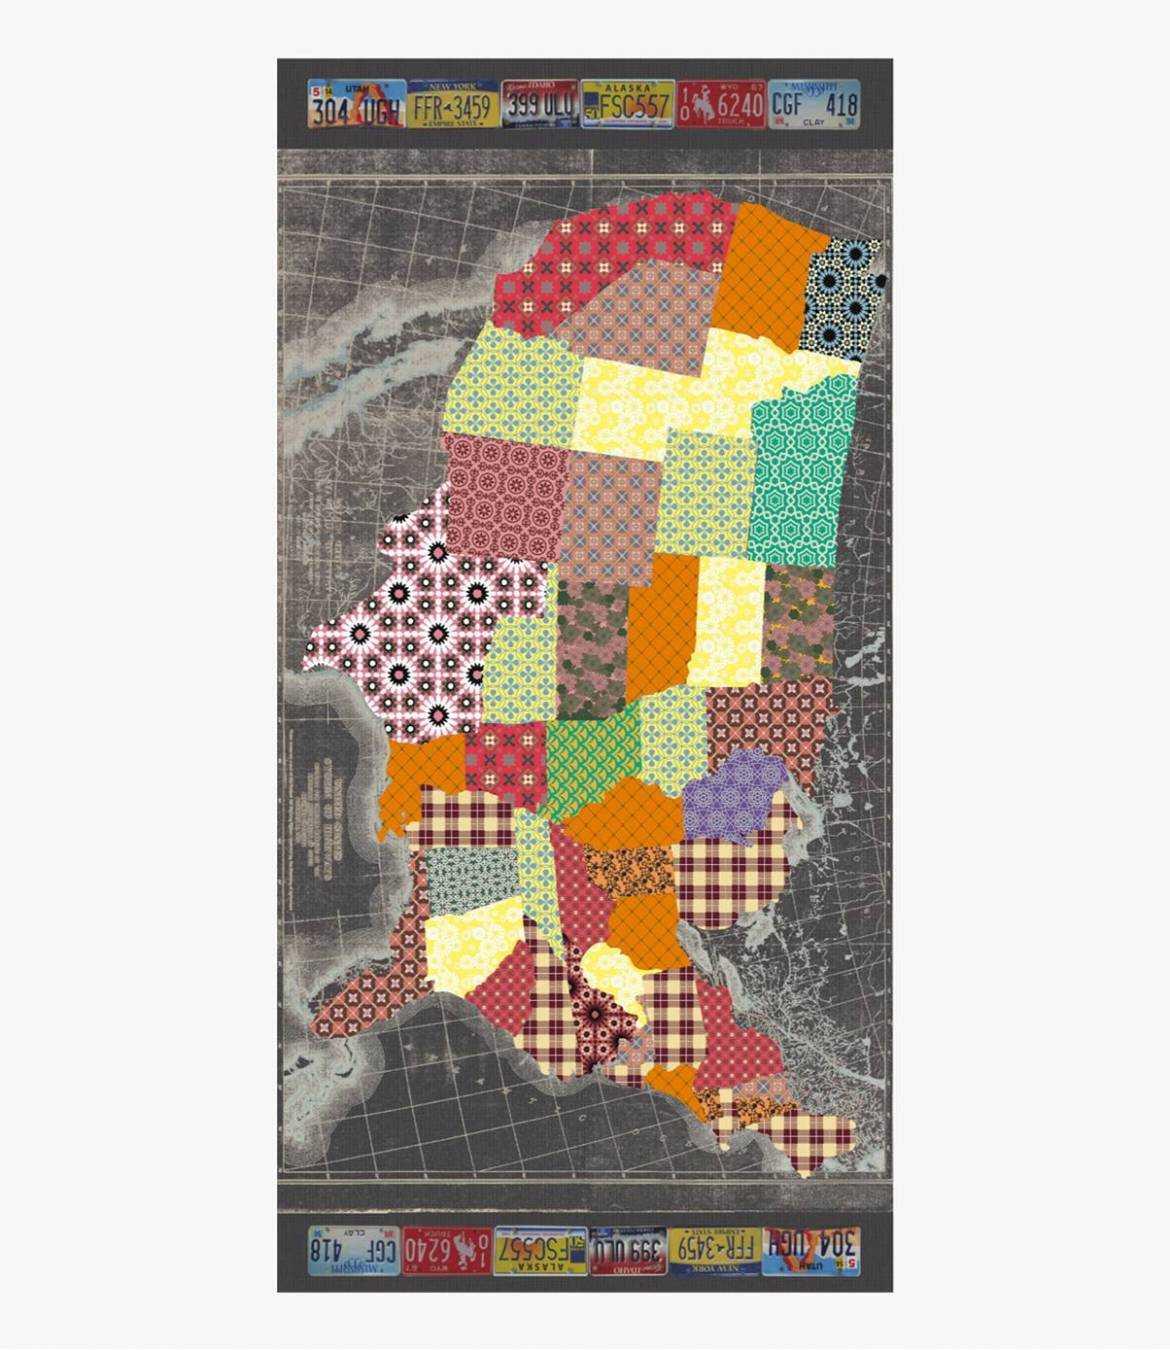 ARTUS Foulard en Coton pour Homme 100x200 cm Storiatipic - 1